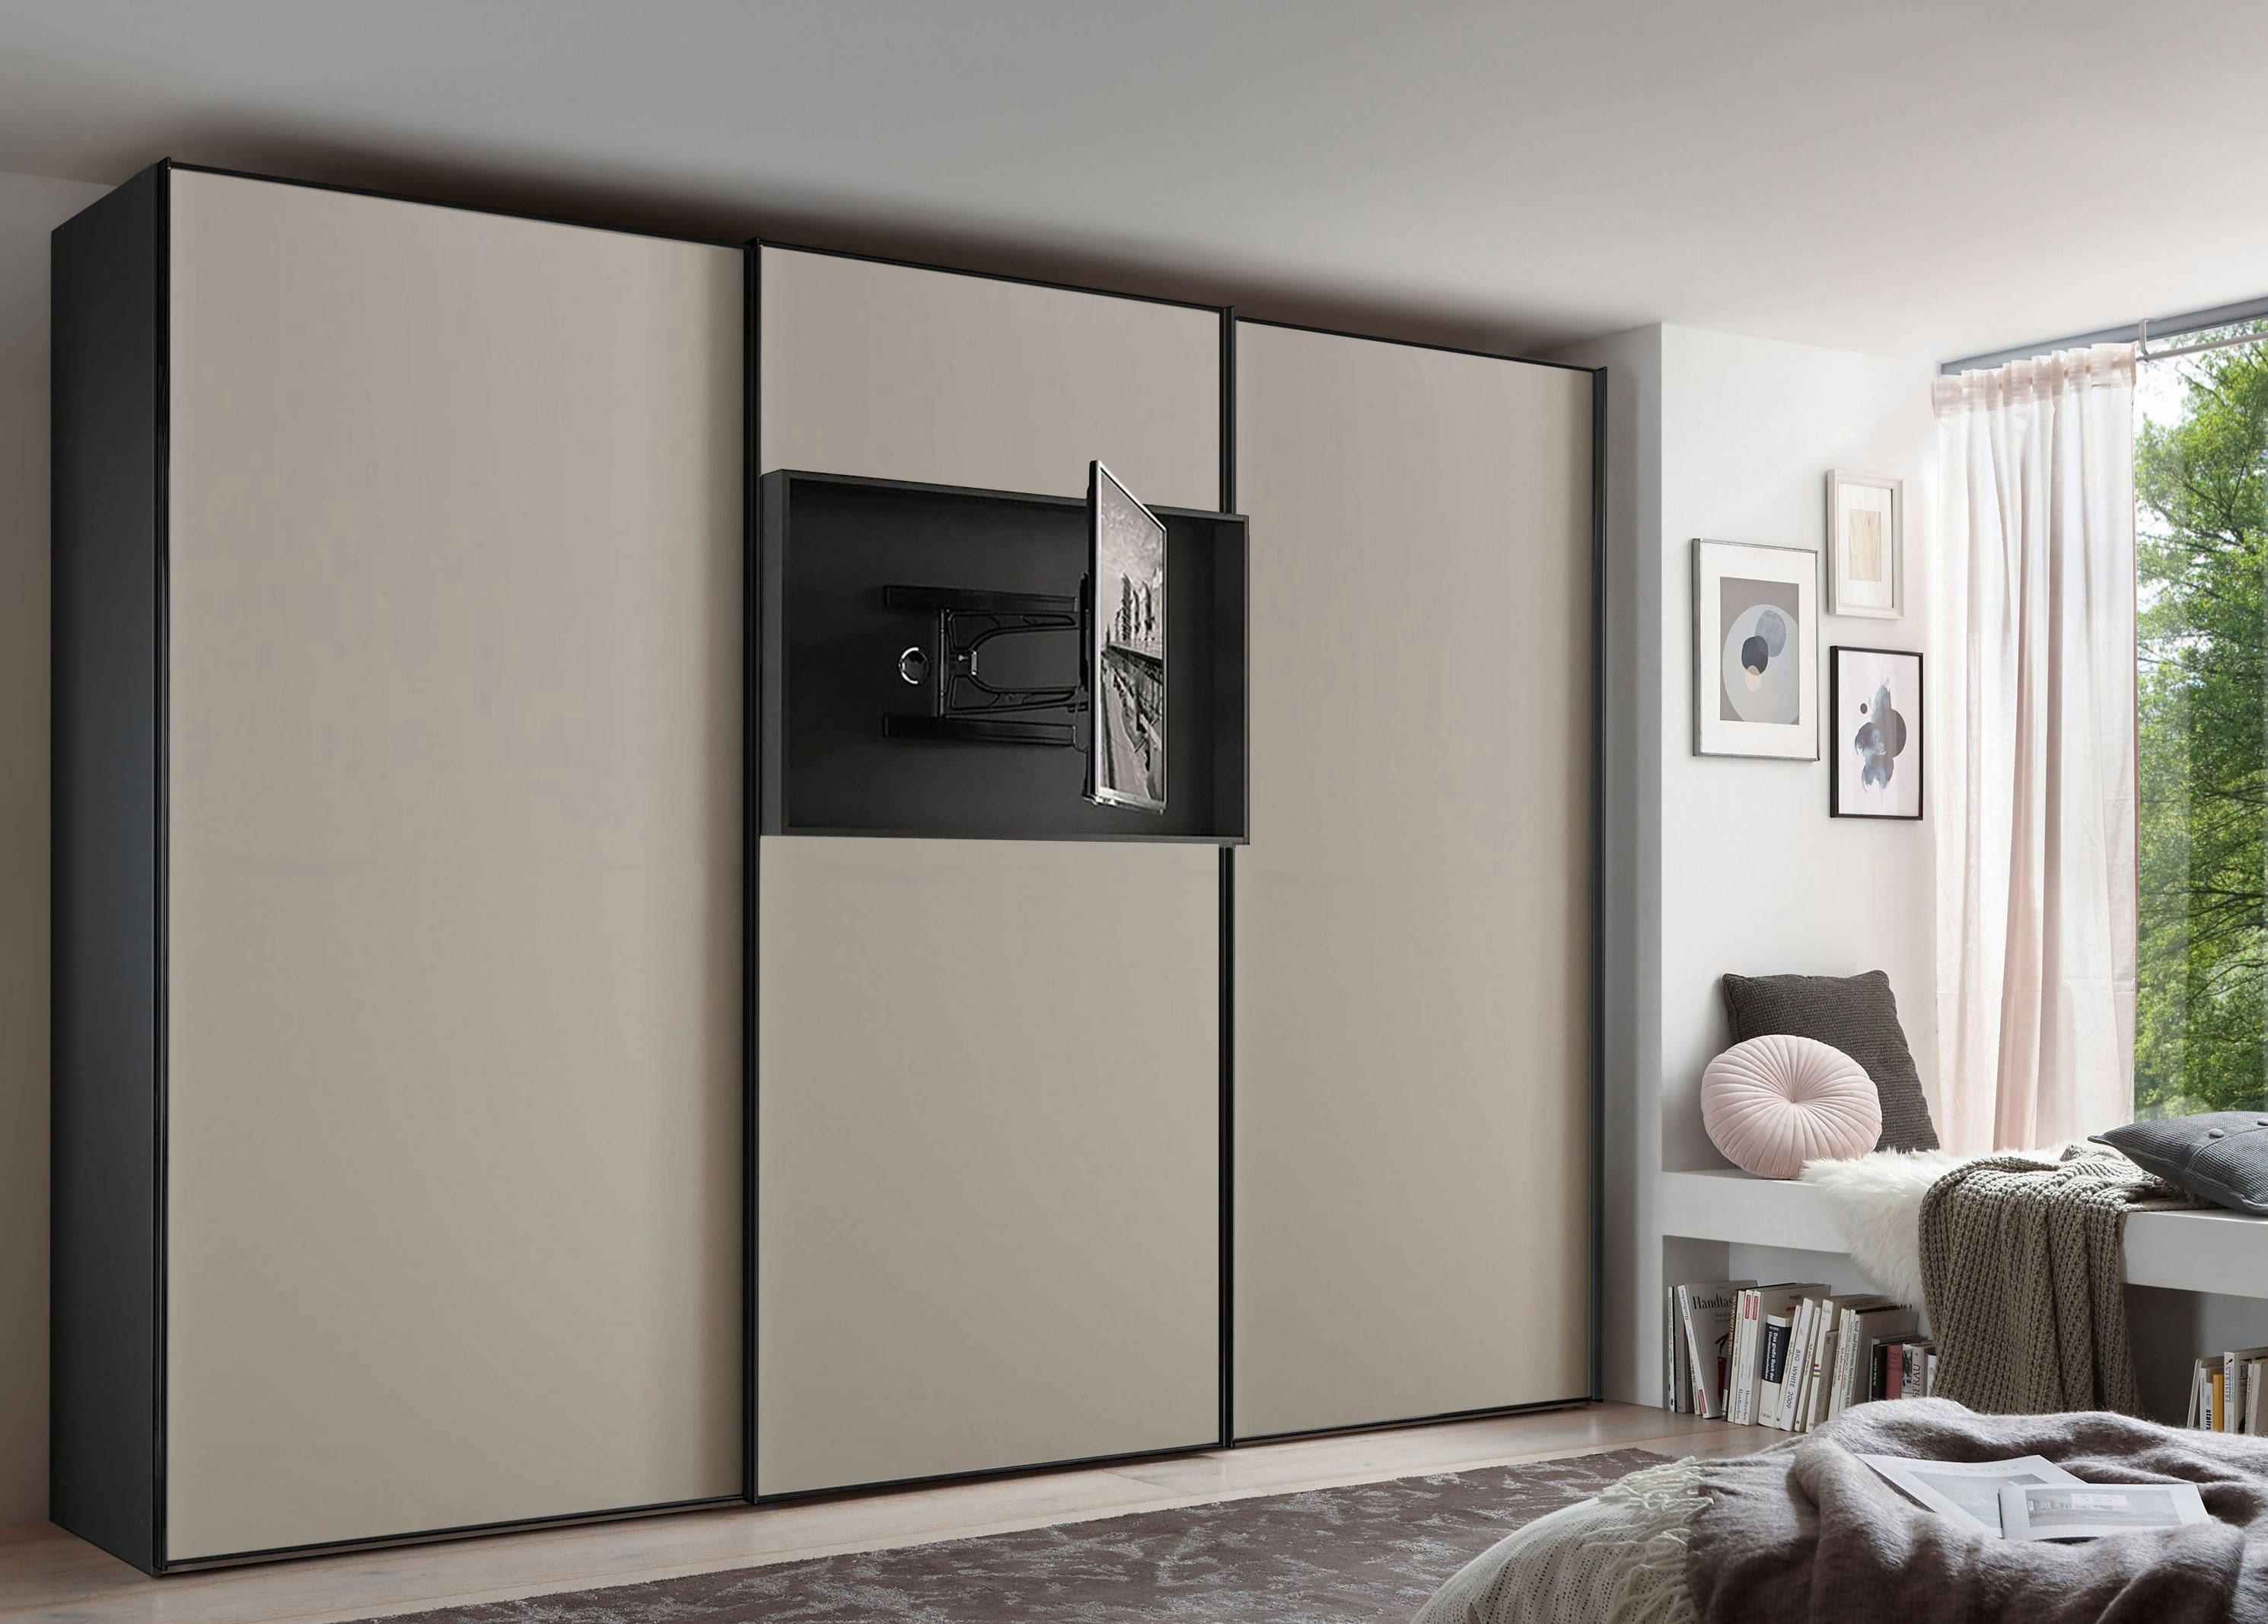 Staud Media Flat Kleiderschrank Mit Tv Paneel Mattglas In Vielen